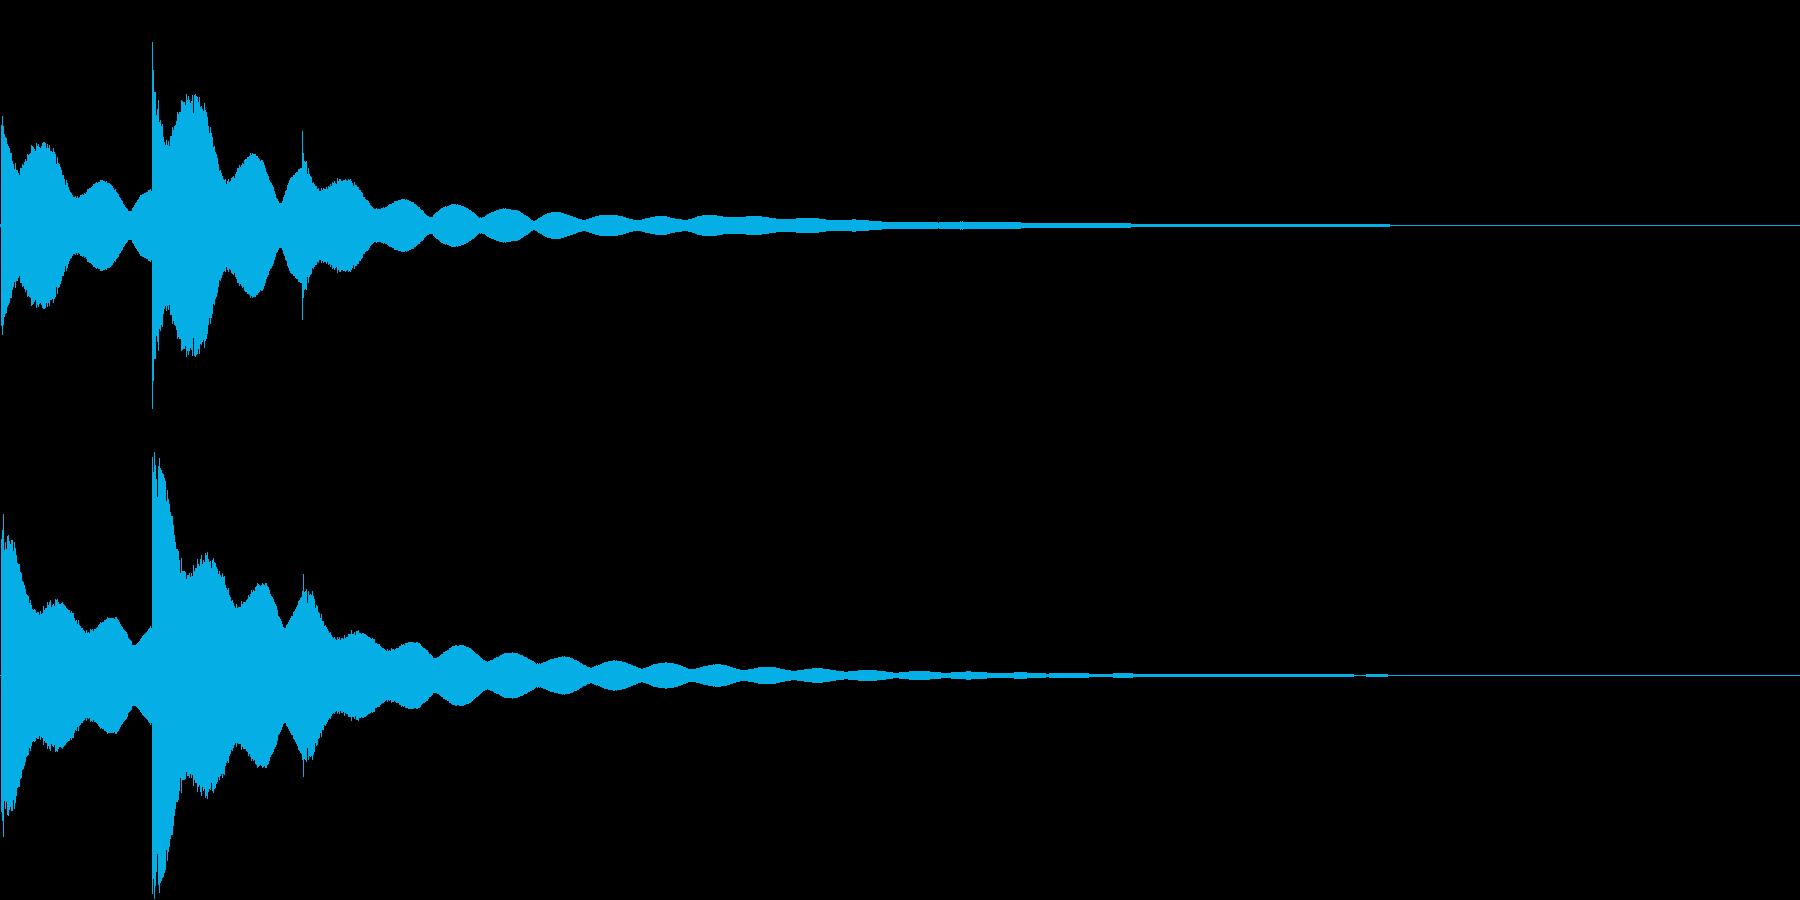 チーンチーン 仏壇の鐘の音6の再生済みの波形